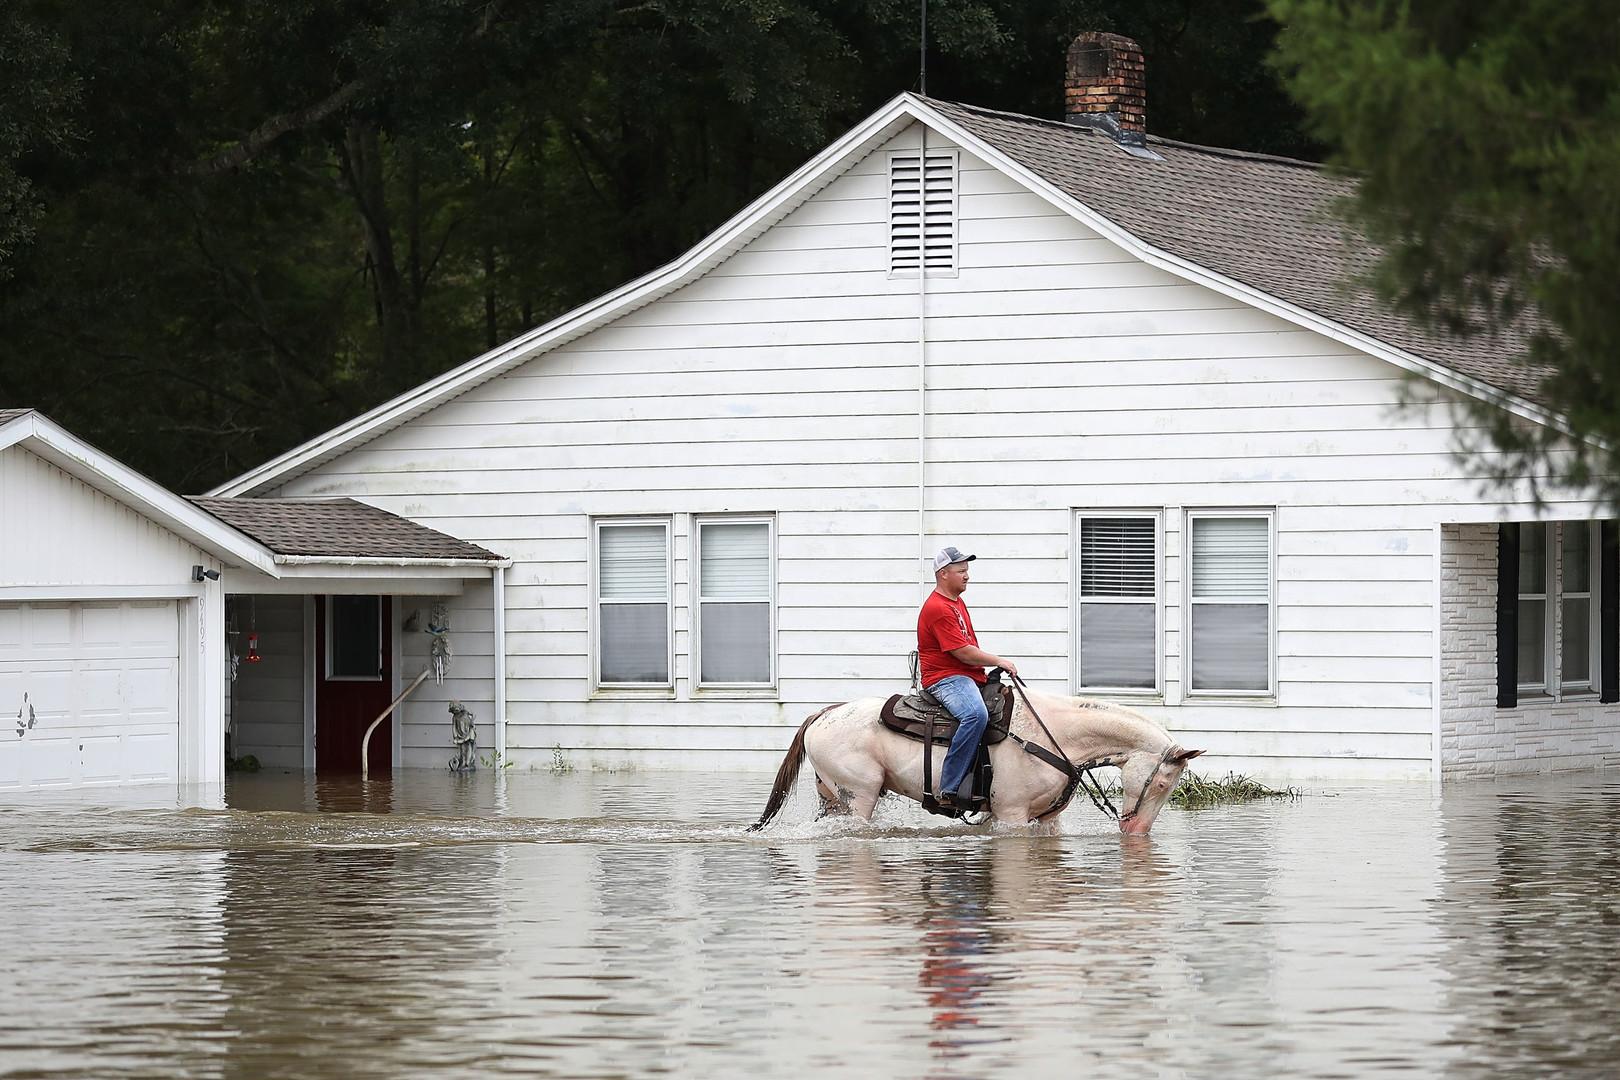 Ковбой передвигается по затопленной дороге в американском штате Луизиана, где несколько дней не прекращались проливные дожди.